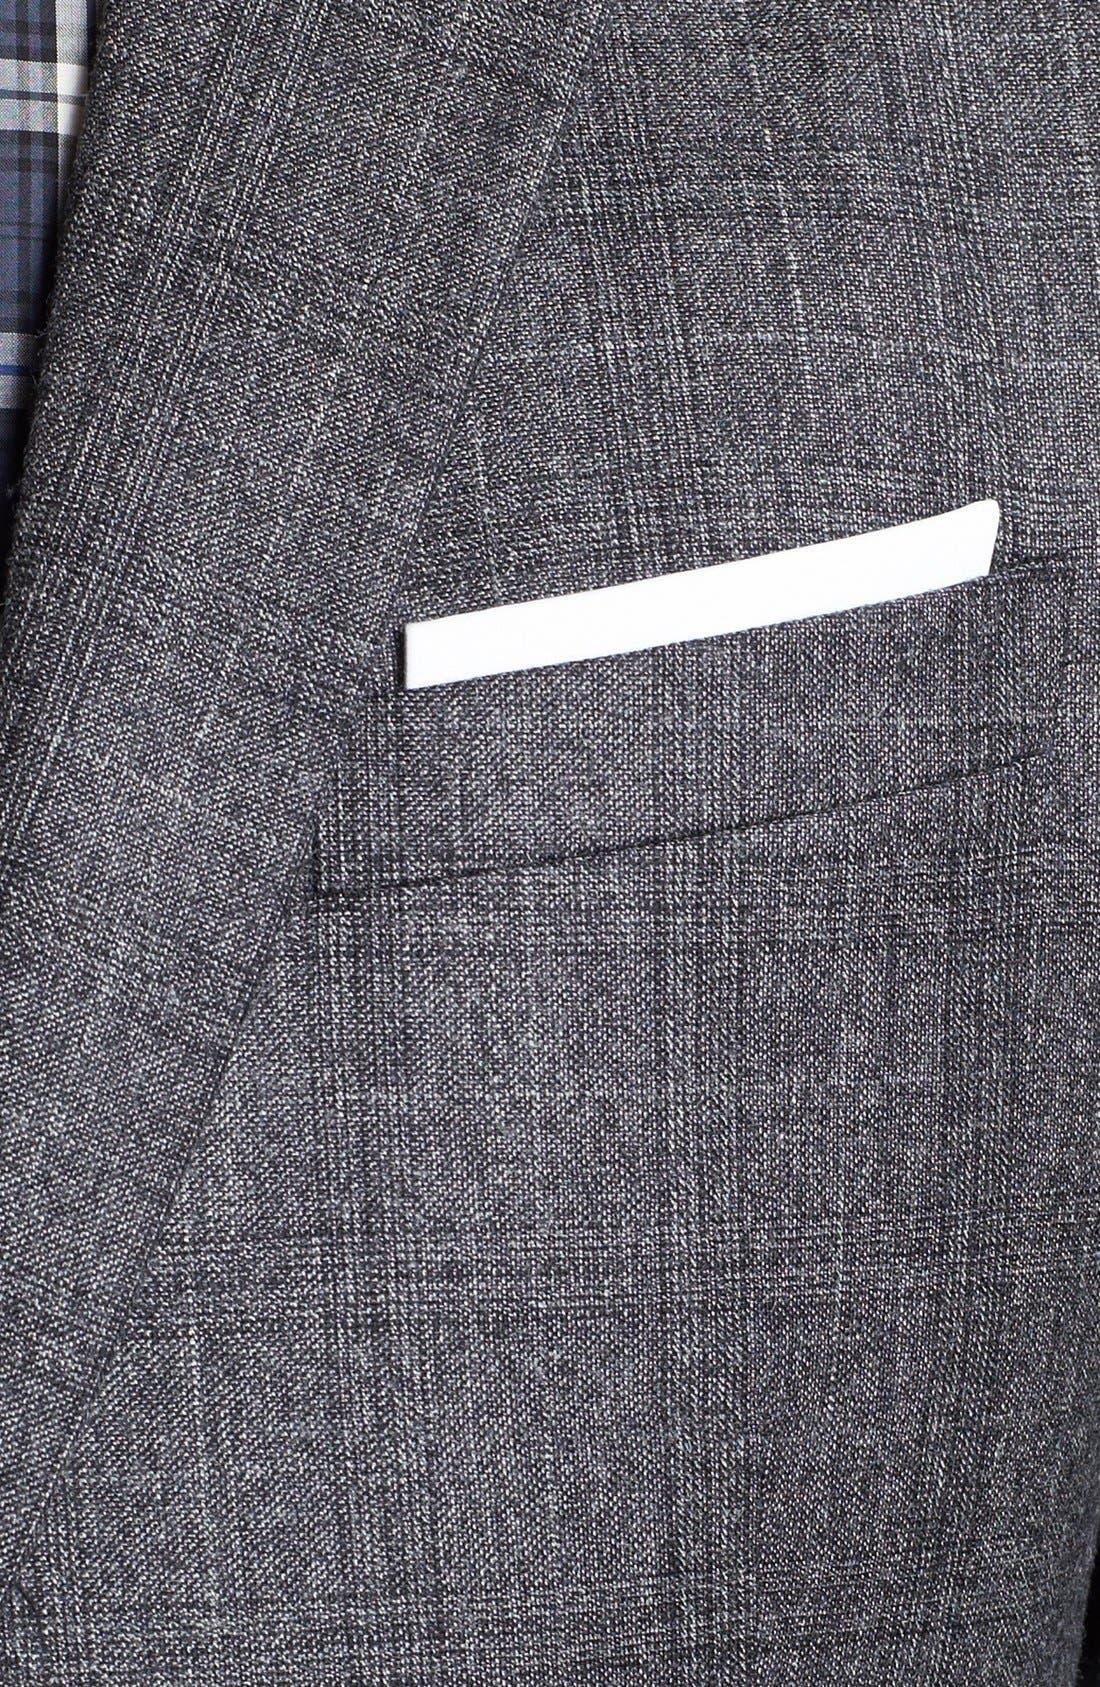 NEIL BARRETT, Windowpane Plaid Wool Suit, Alternate thumbnail 3, color, 020